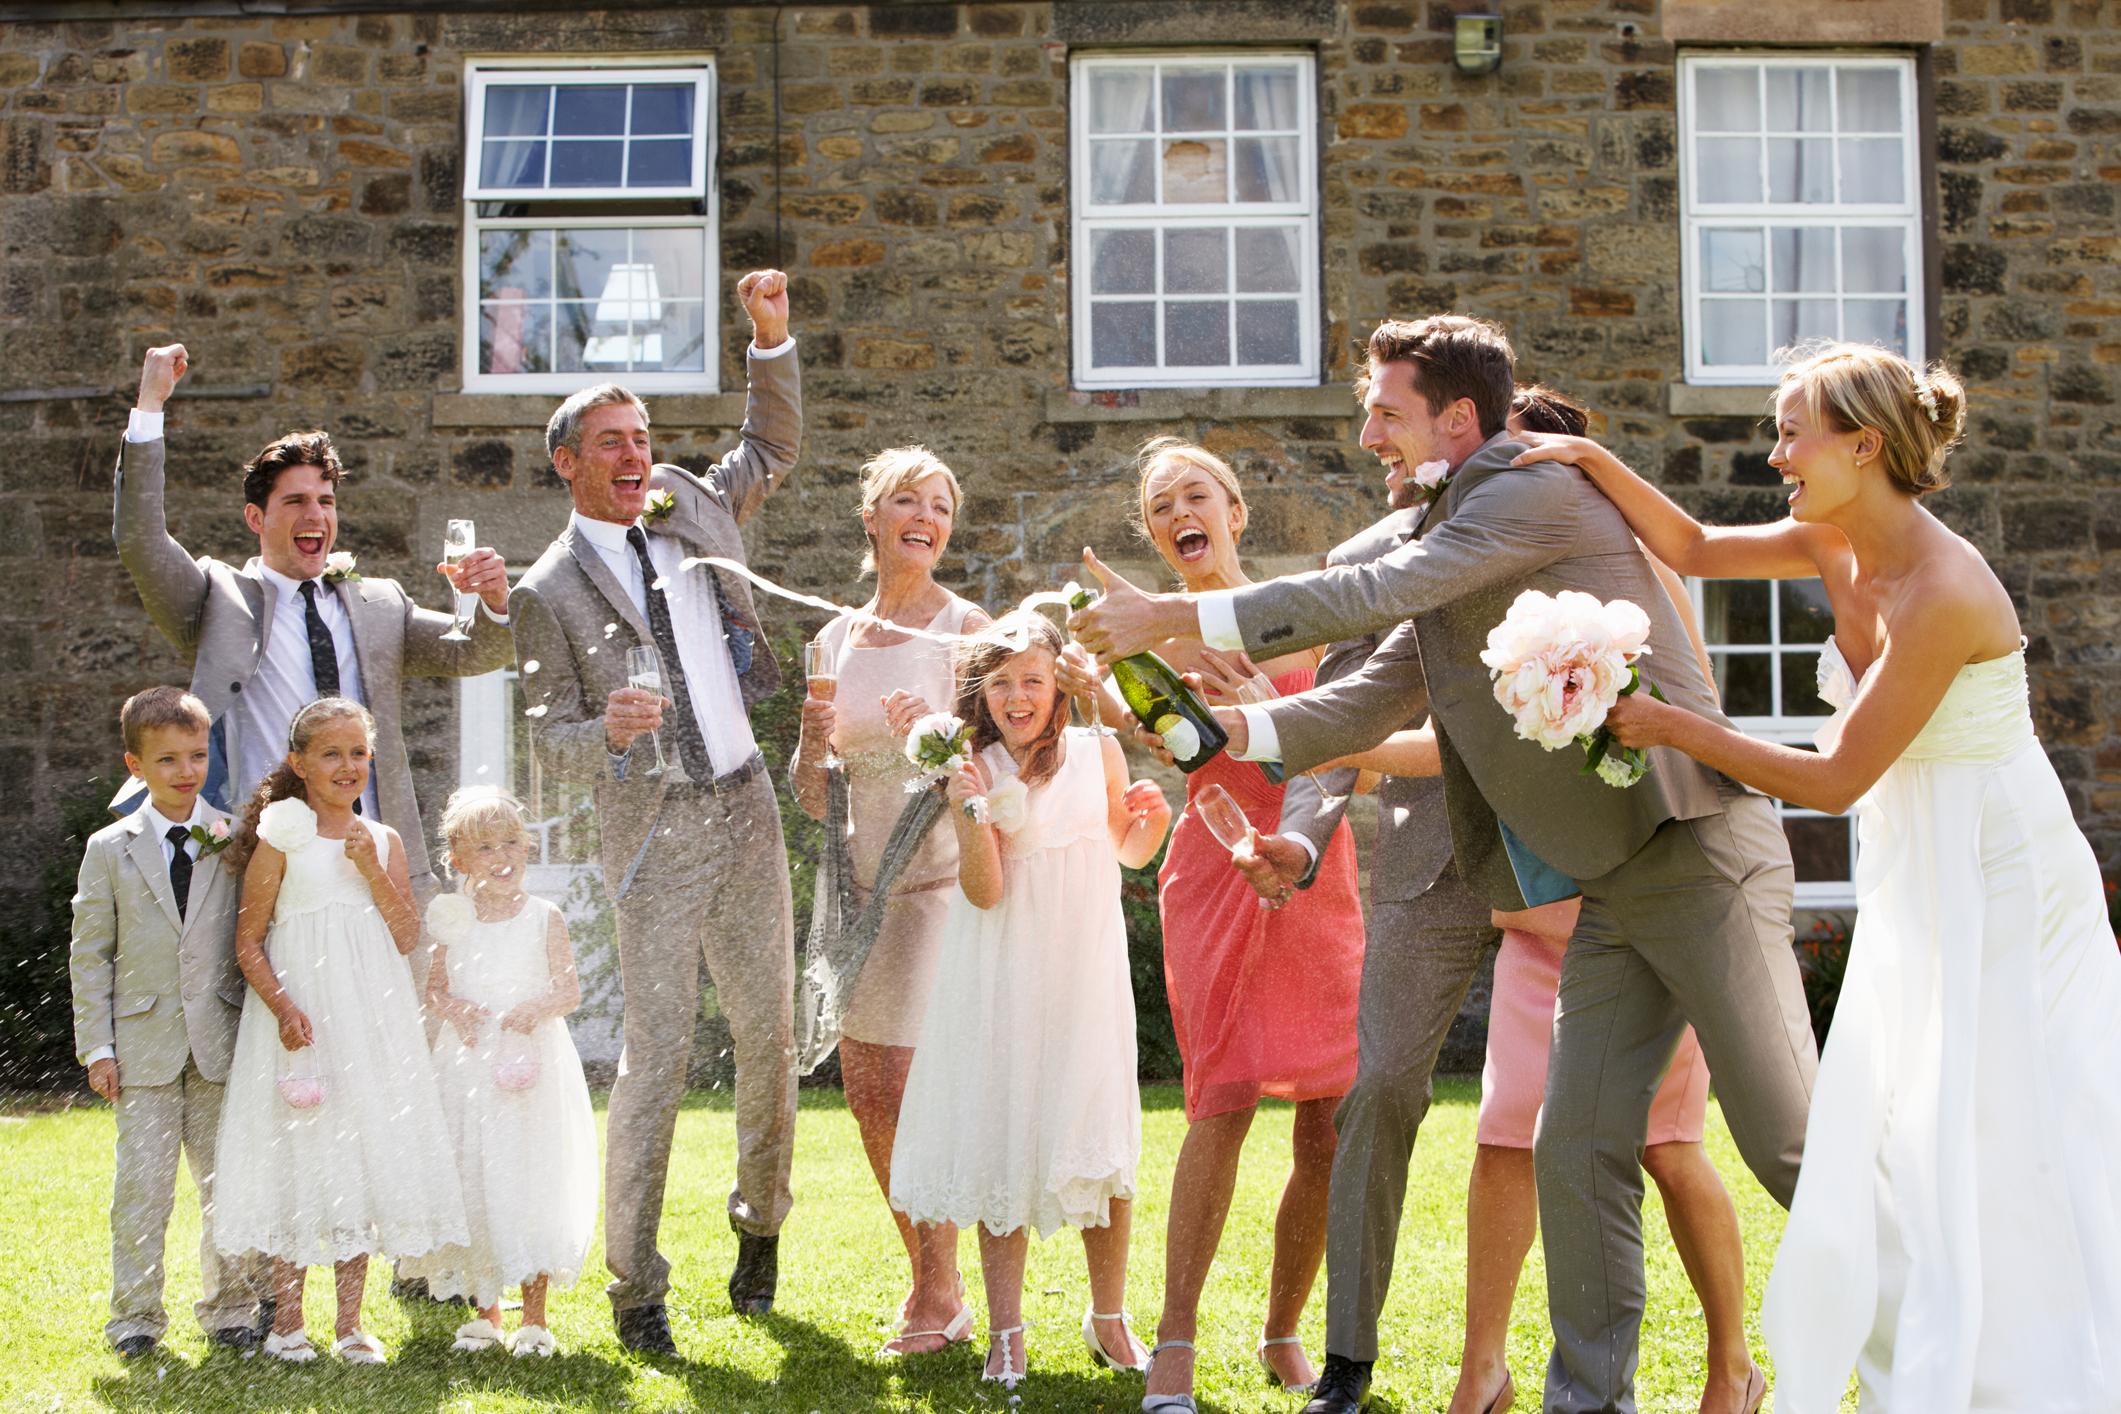 Hochzeitsgesellschaft mit Brautpaar beim Sektempfang